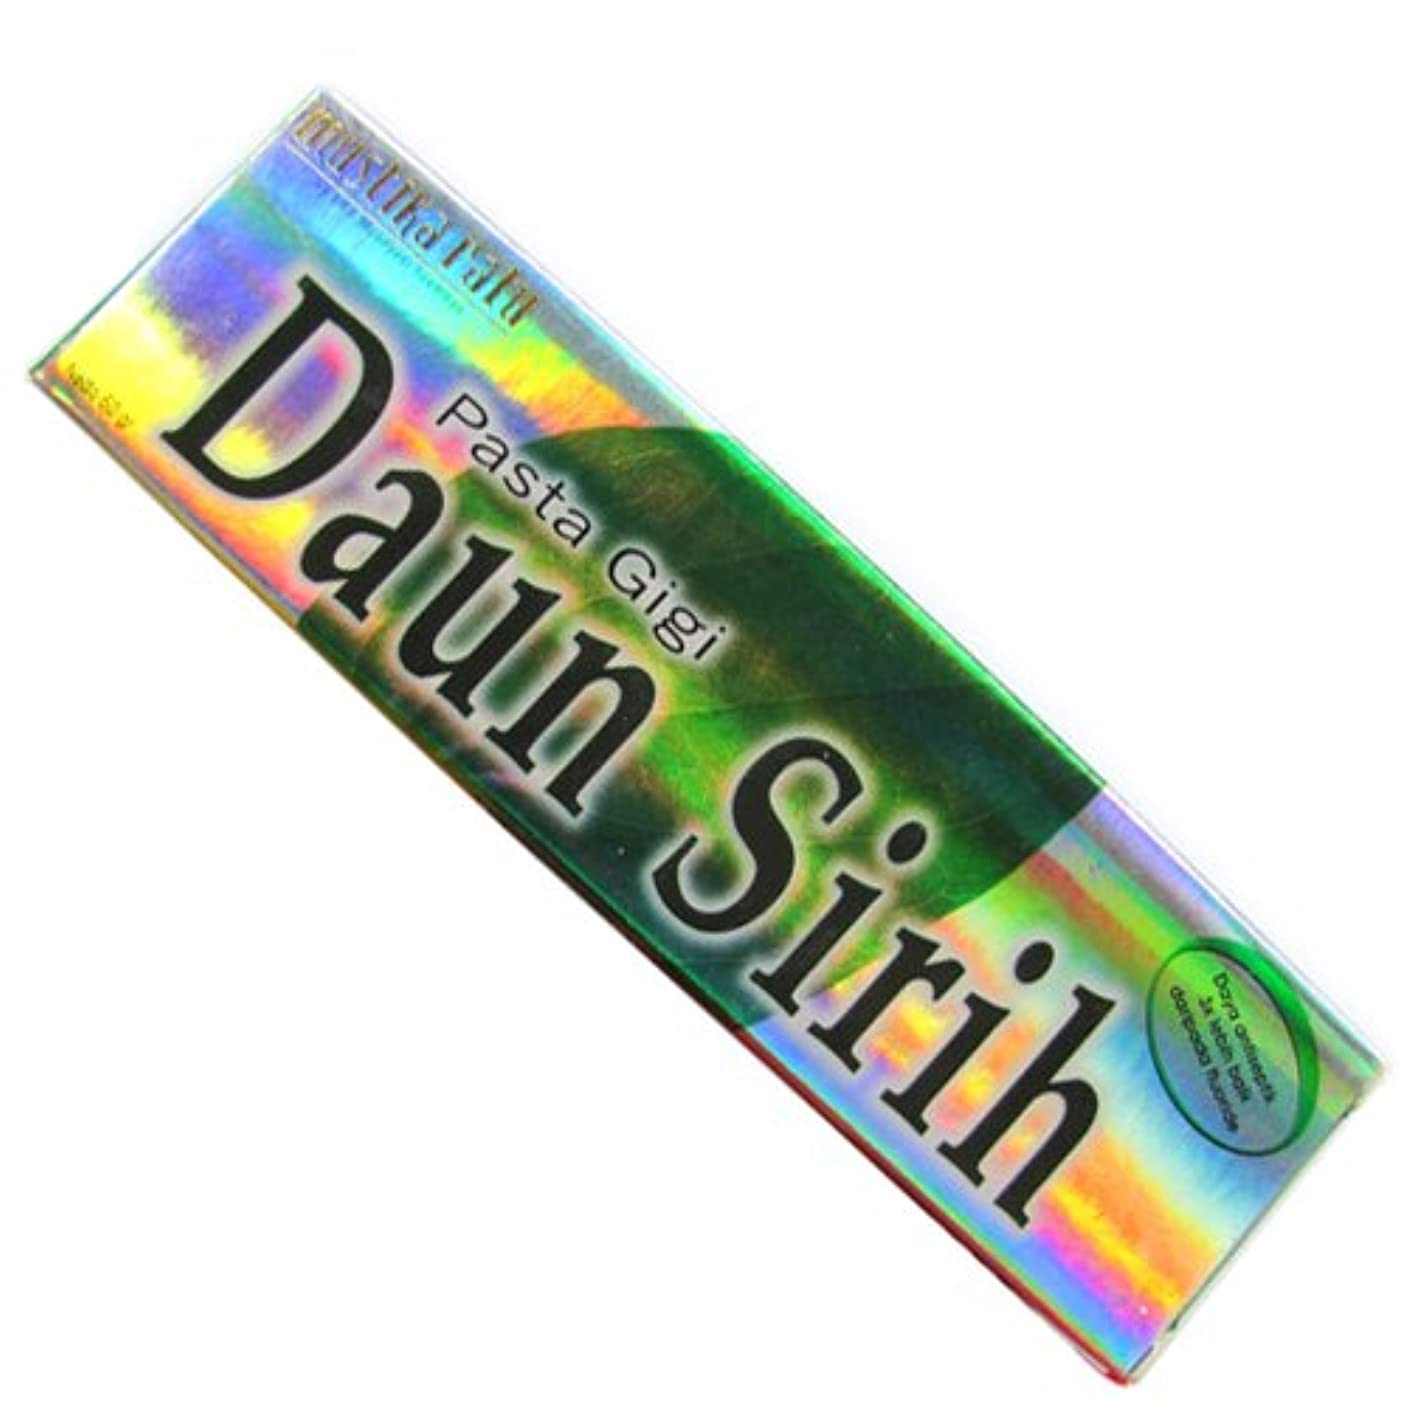 溶けるカビ完全にムスティカラトゥ?Daun sirih(ダウンシリ)歯磨き粉60g[並行輸入品][海外直送品]